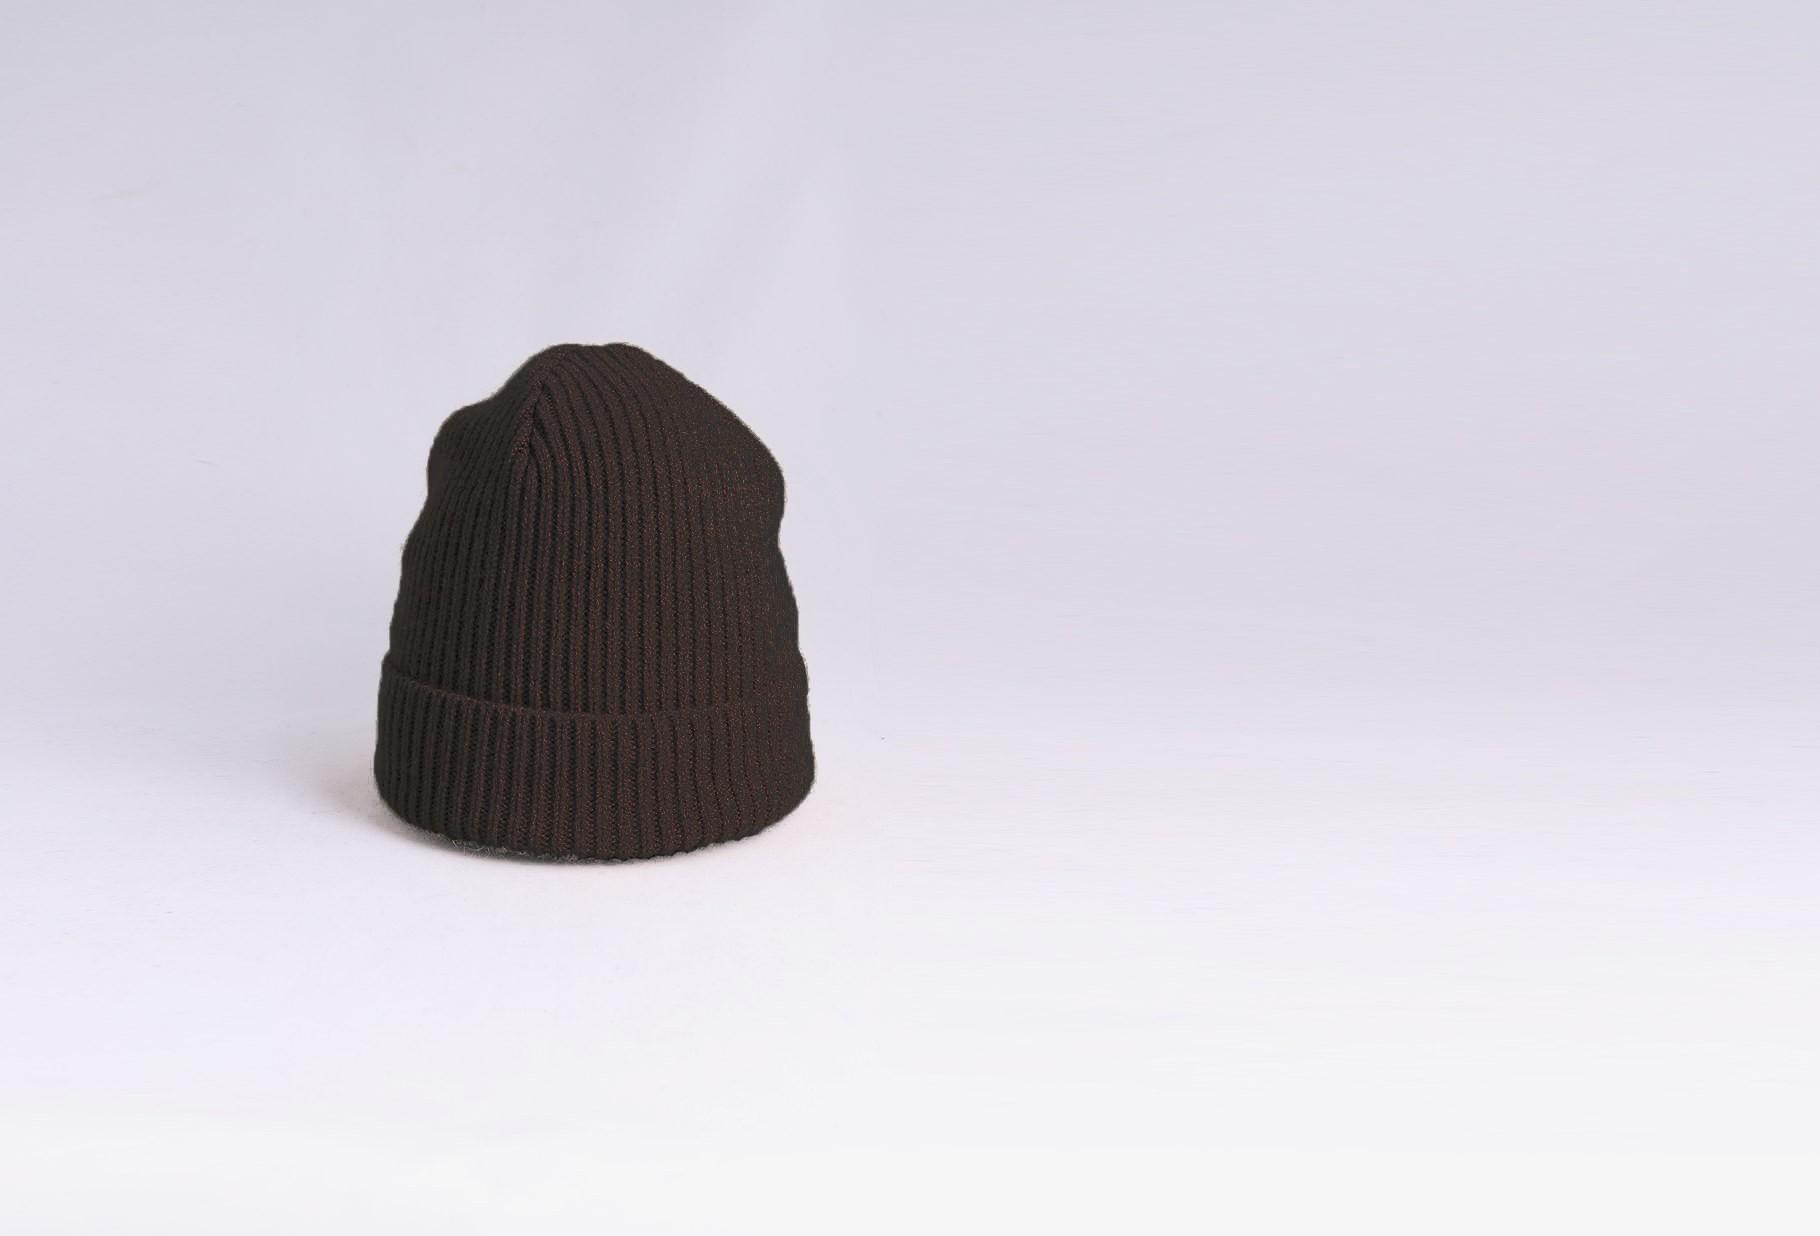 MACKIE / Barra hat Ebony